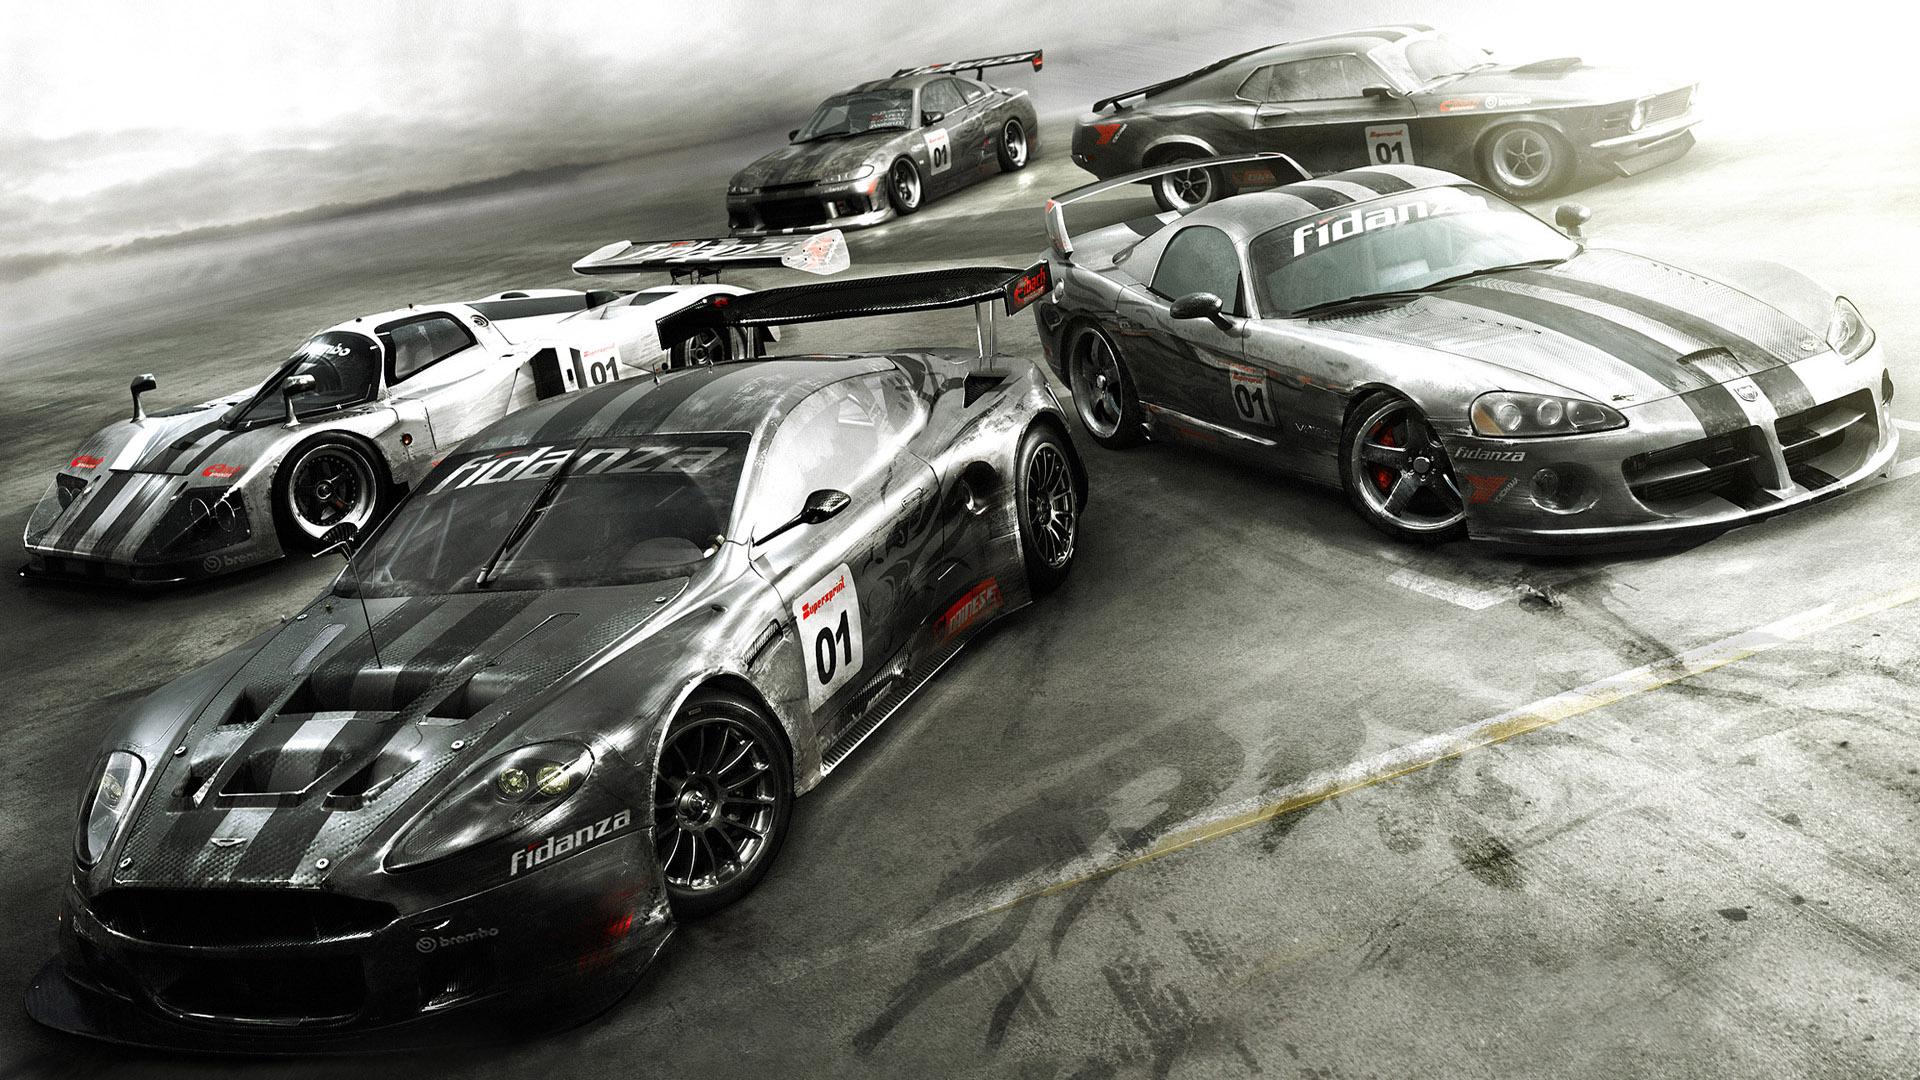 Auto s uit games wallpaper autos uit games